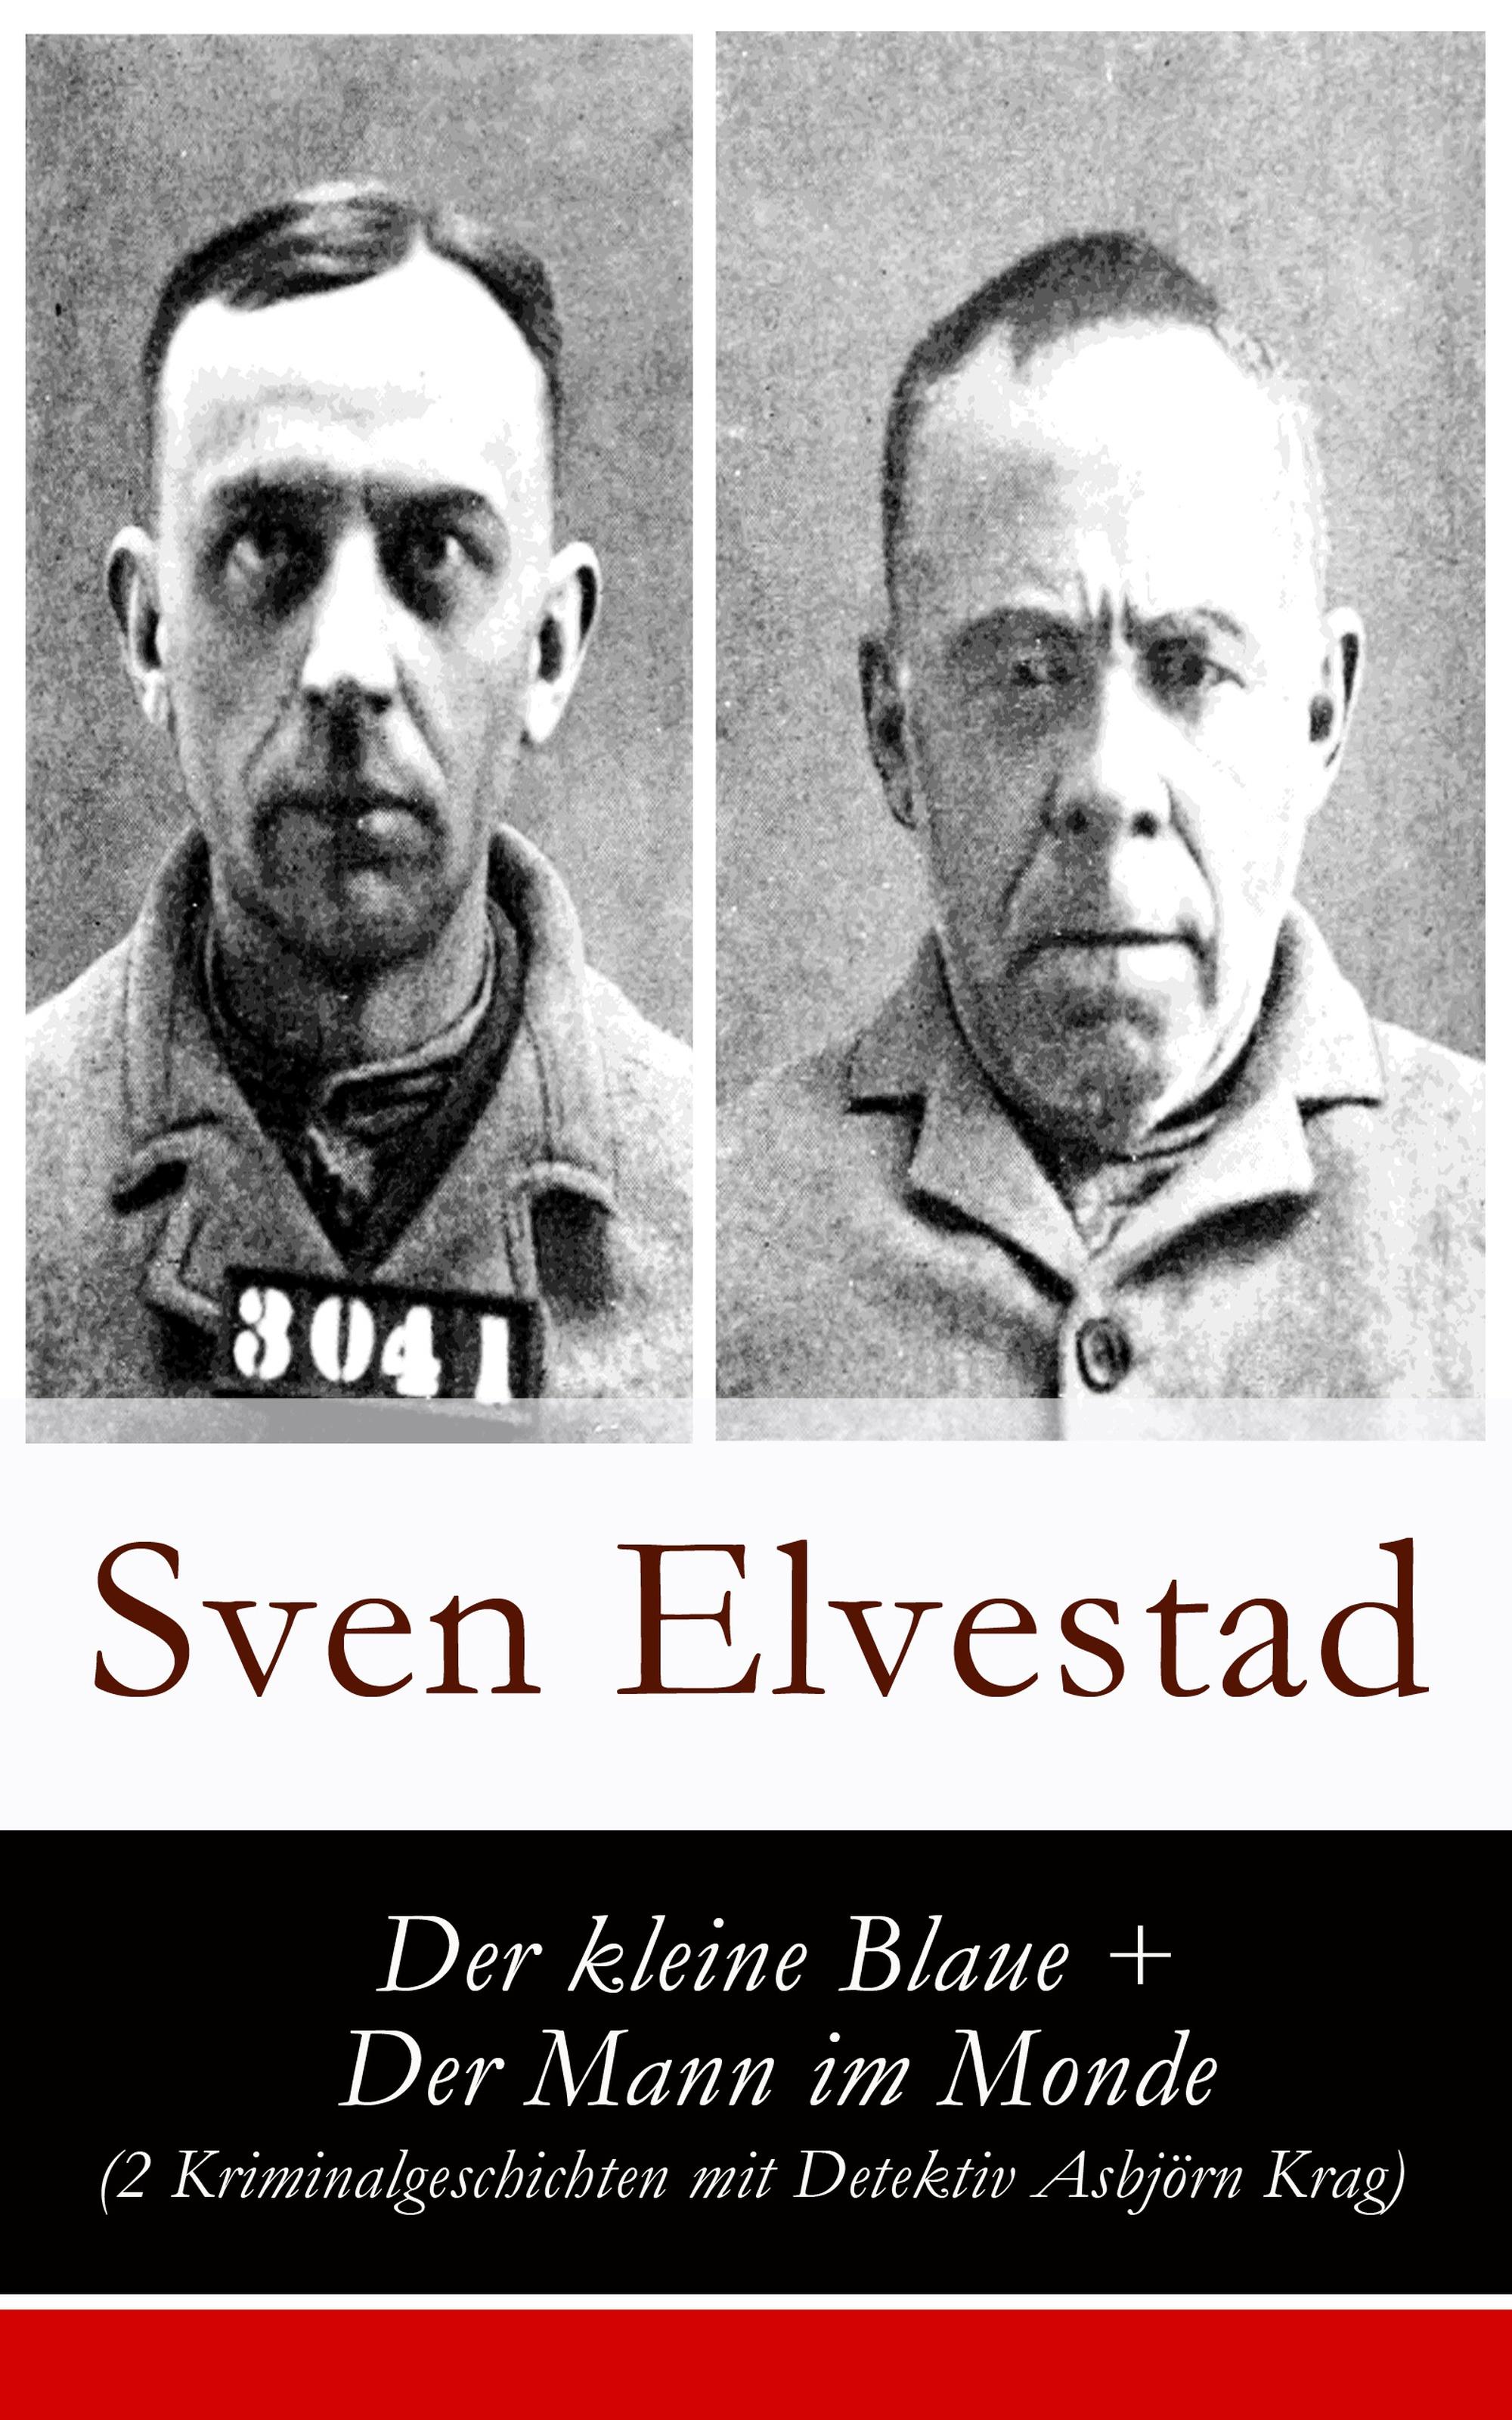 Sven Elvestad Der kleine Blaue + Der Mann im Monde (2 Kriminalgeschichten mit Detektiv Asbjörn Krag)